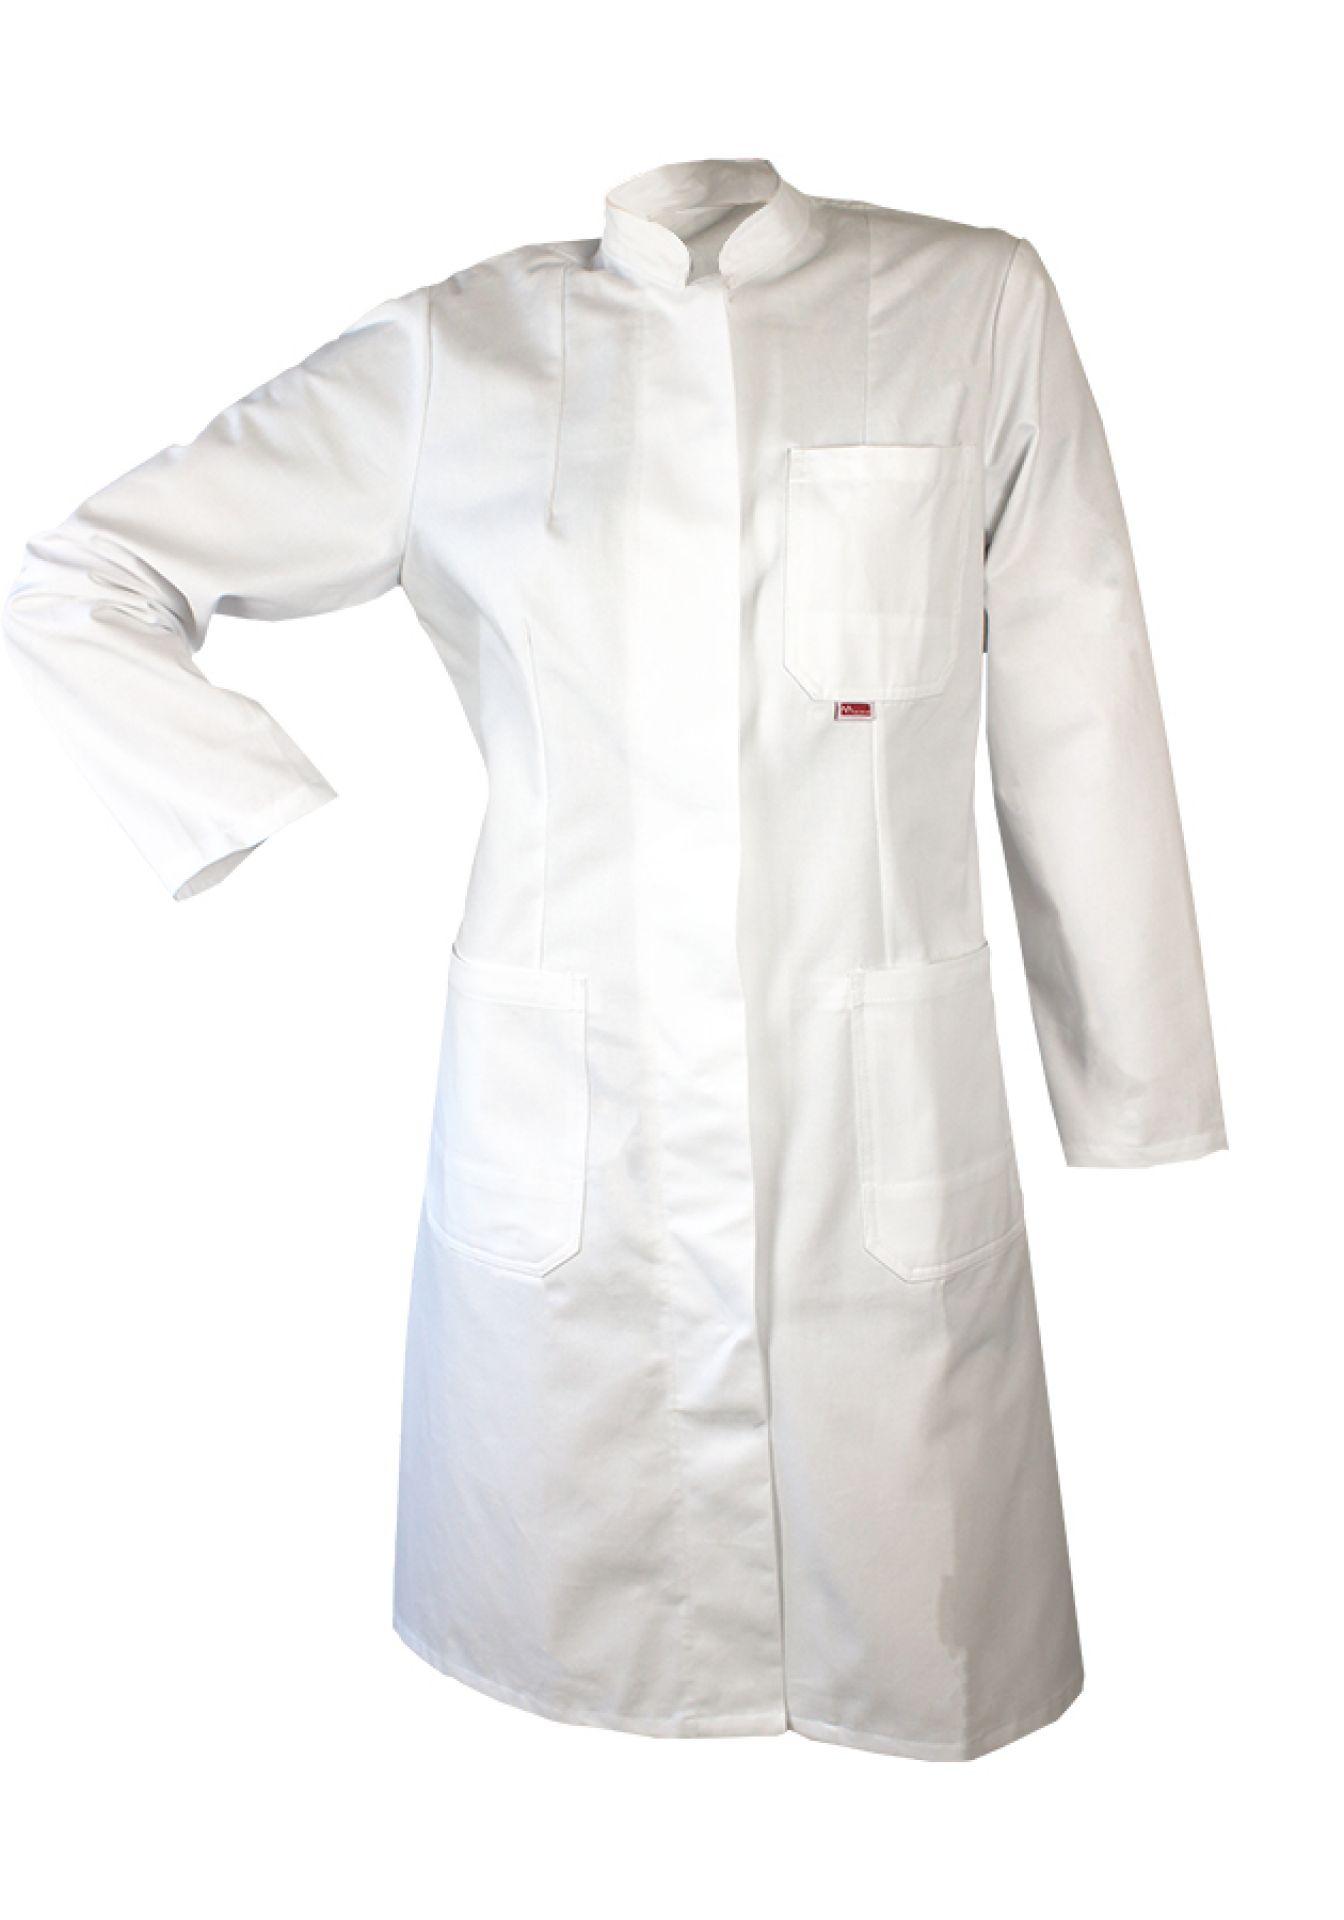 Damen-Labormantel, weiß, Stehkragen, verdeckte Druckknopfleiste